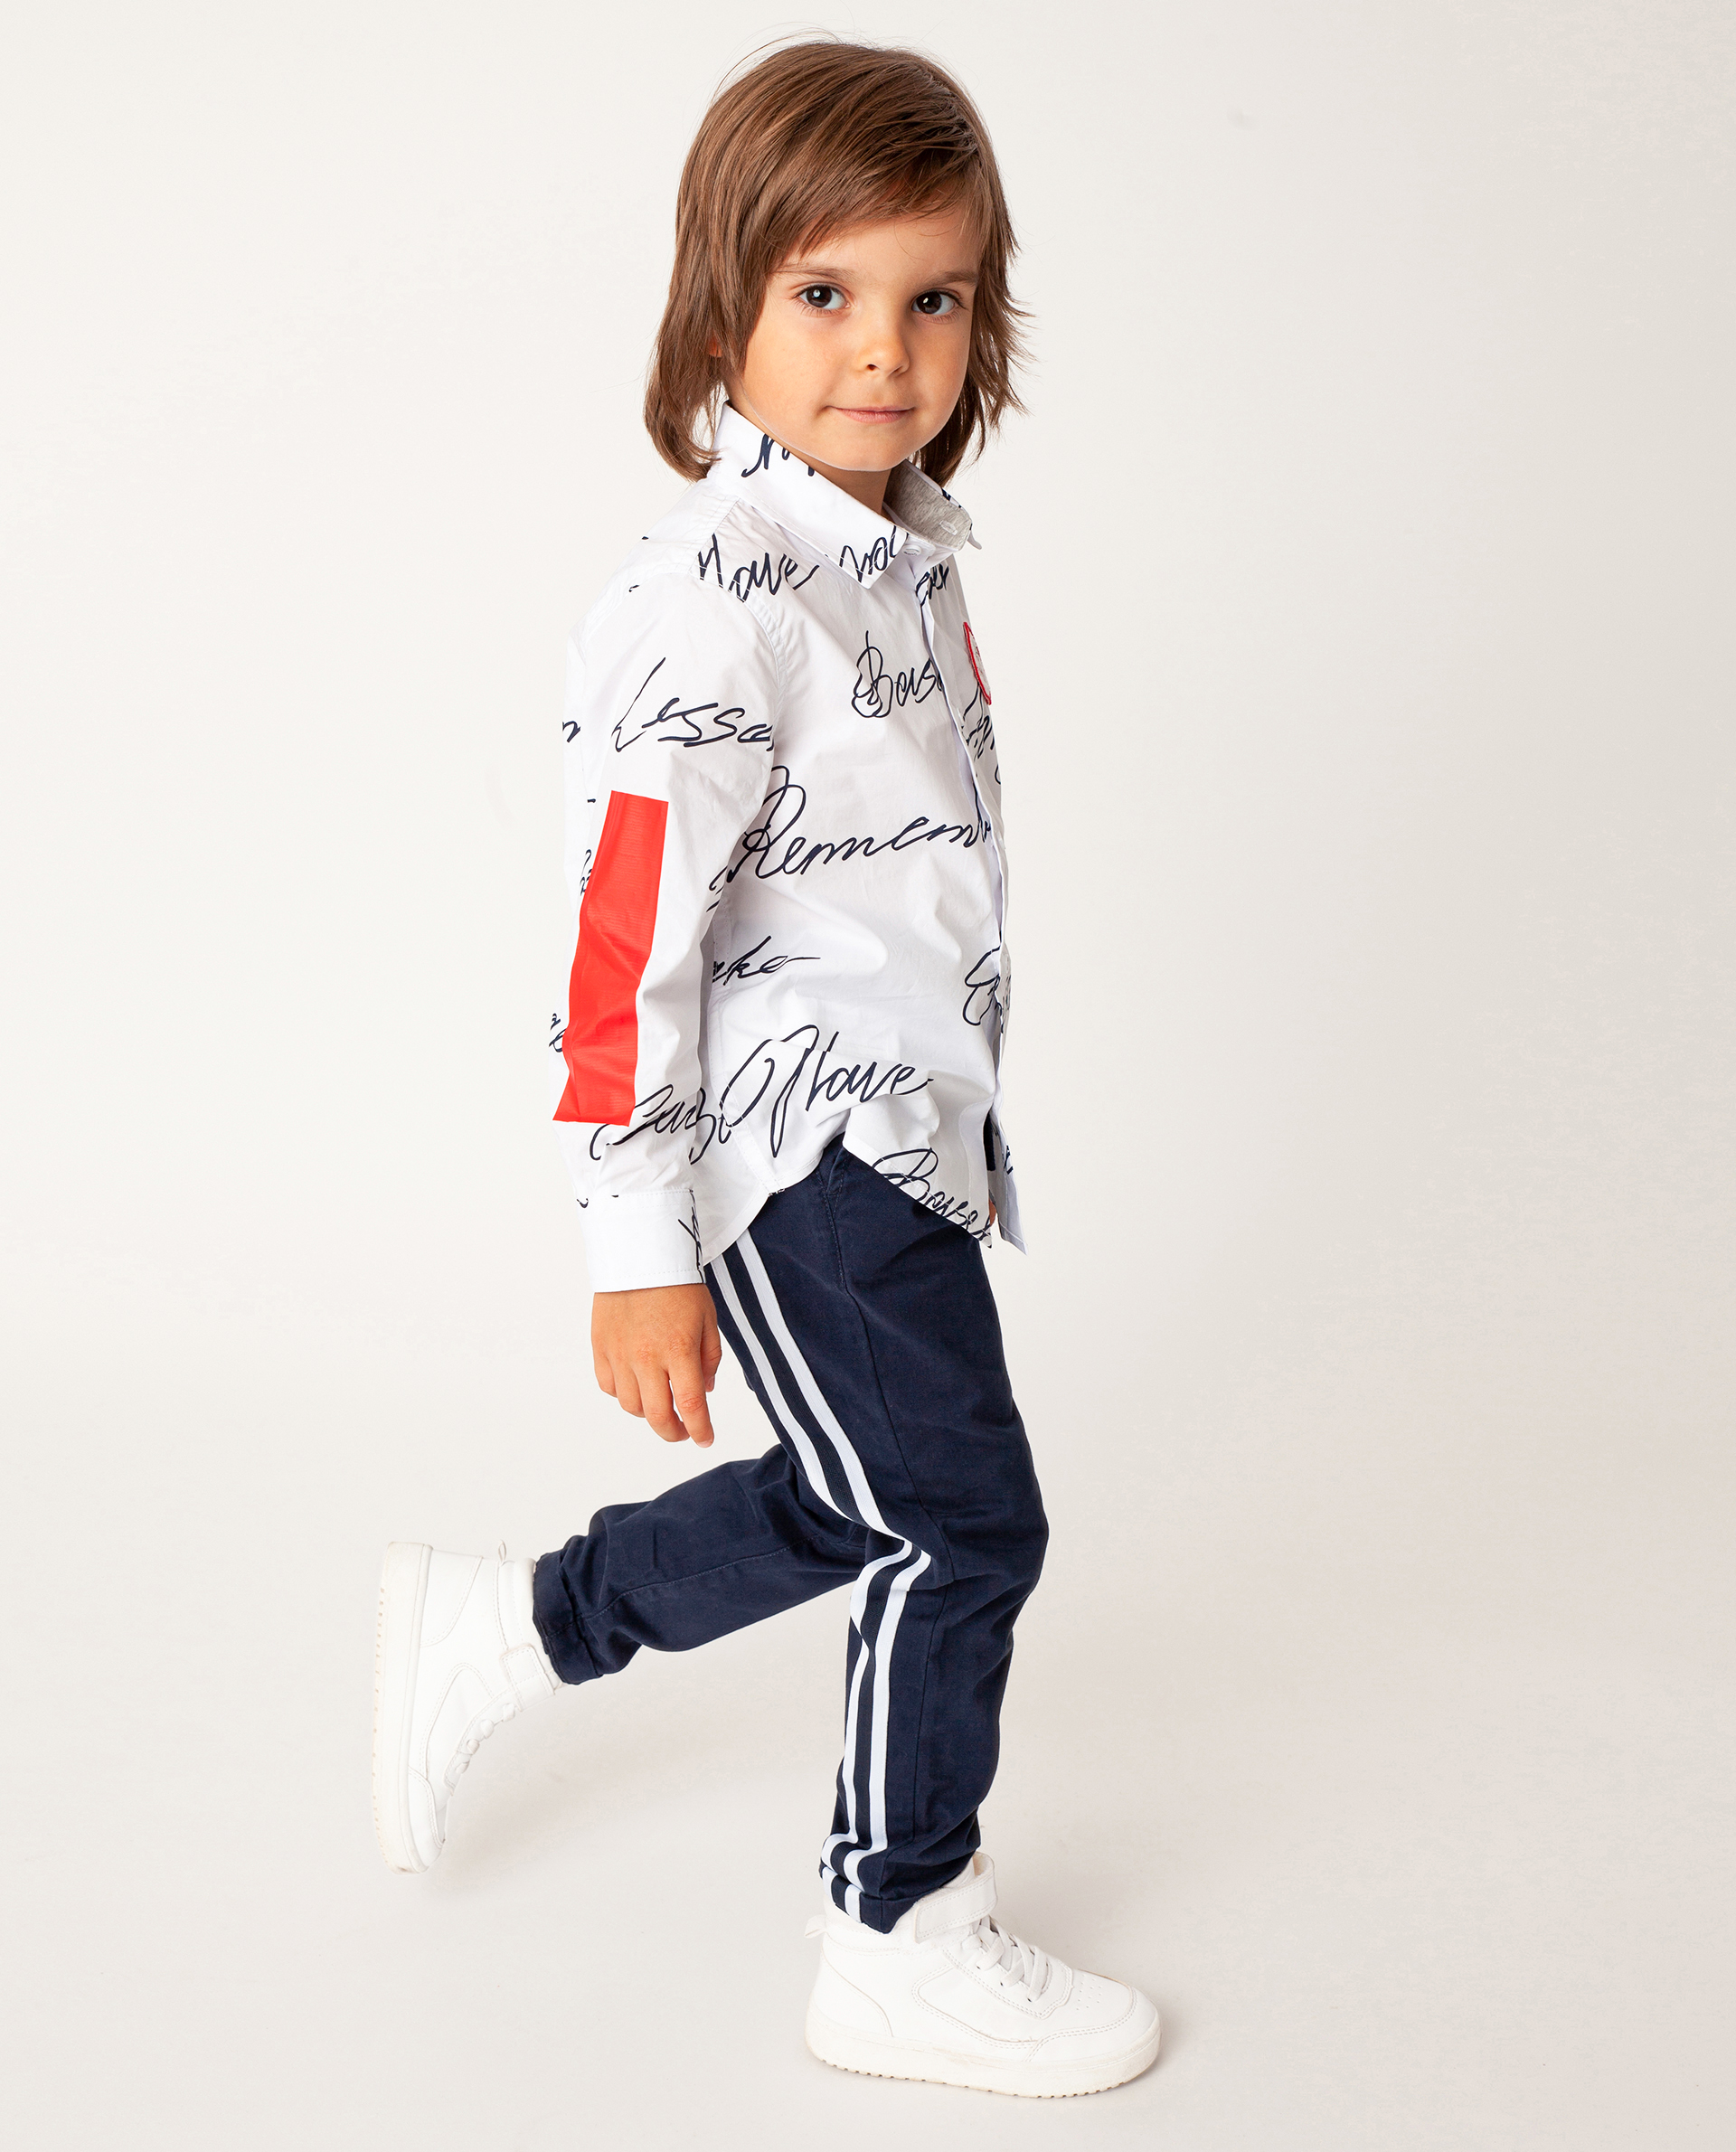 Купить 22005BMC6304, Синие брюки Gulliver, синий, 104, Футер, Мужской, Демисезон, ОСЕНЬ/ЗИМА 2020-2021 (shop: GulliverMarket Gulliver Market)